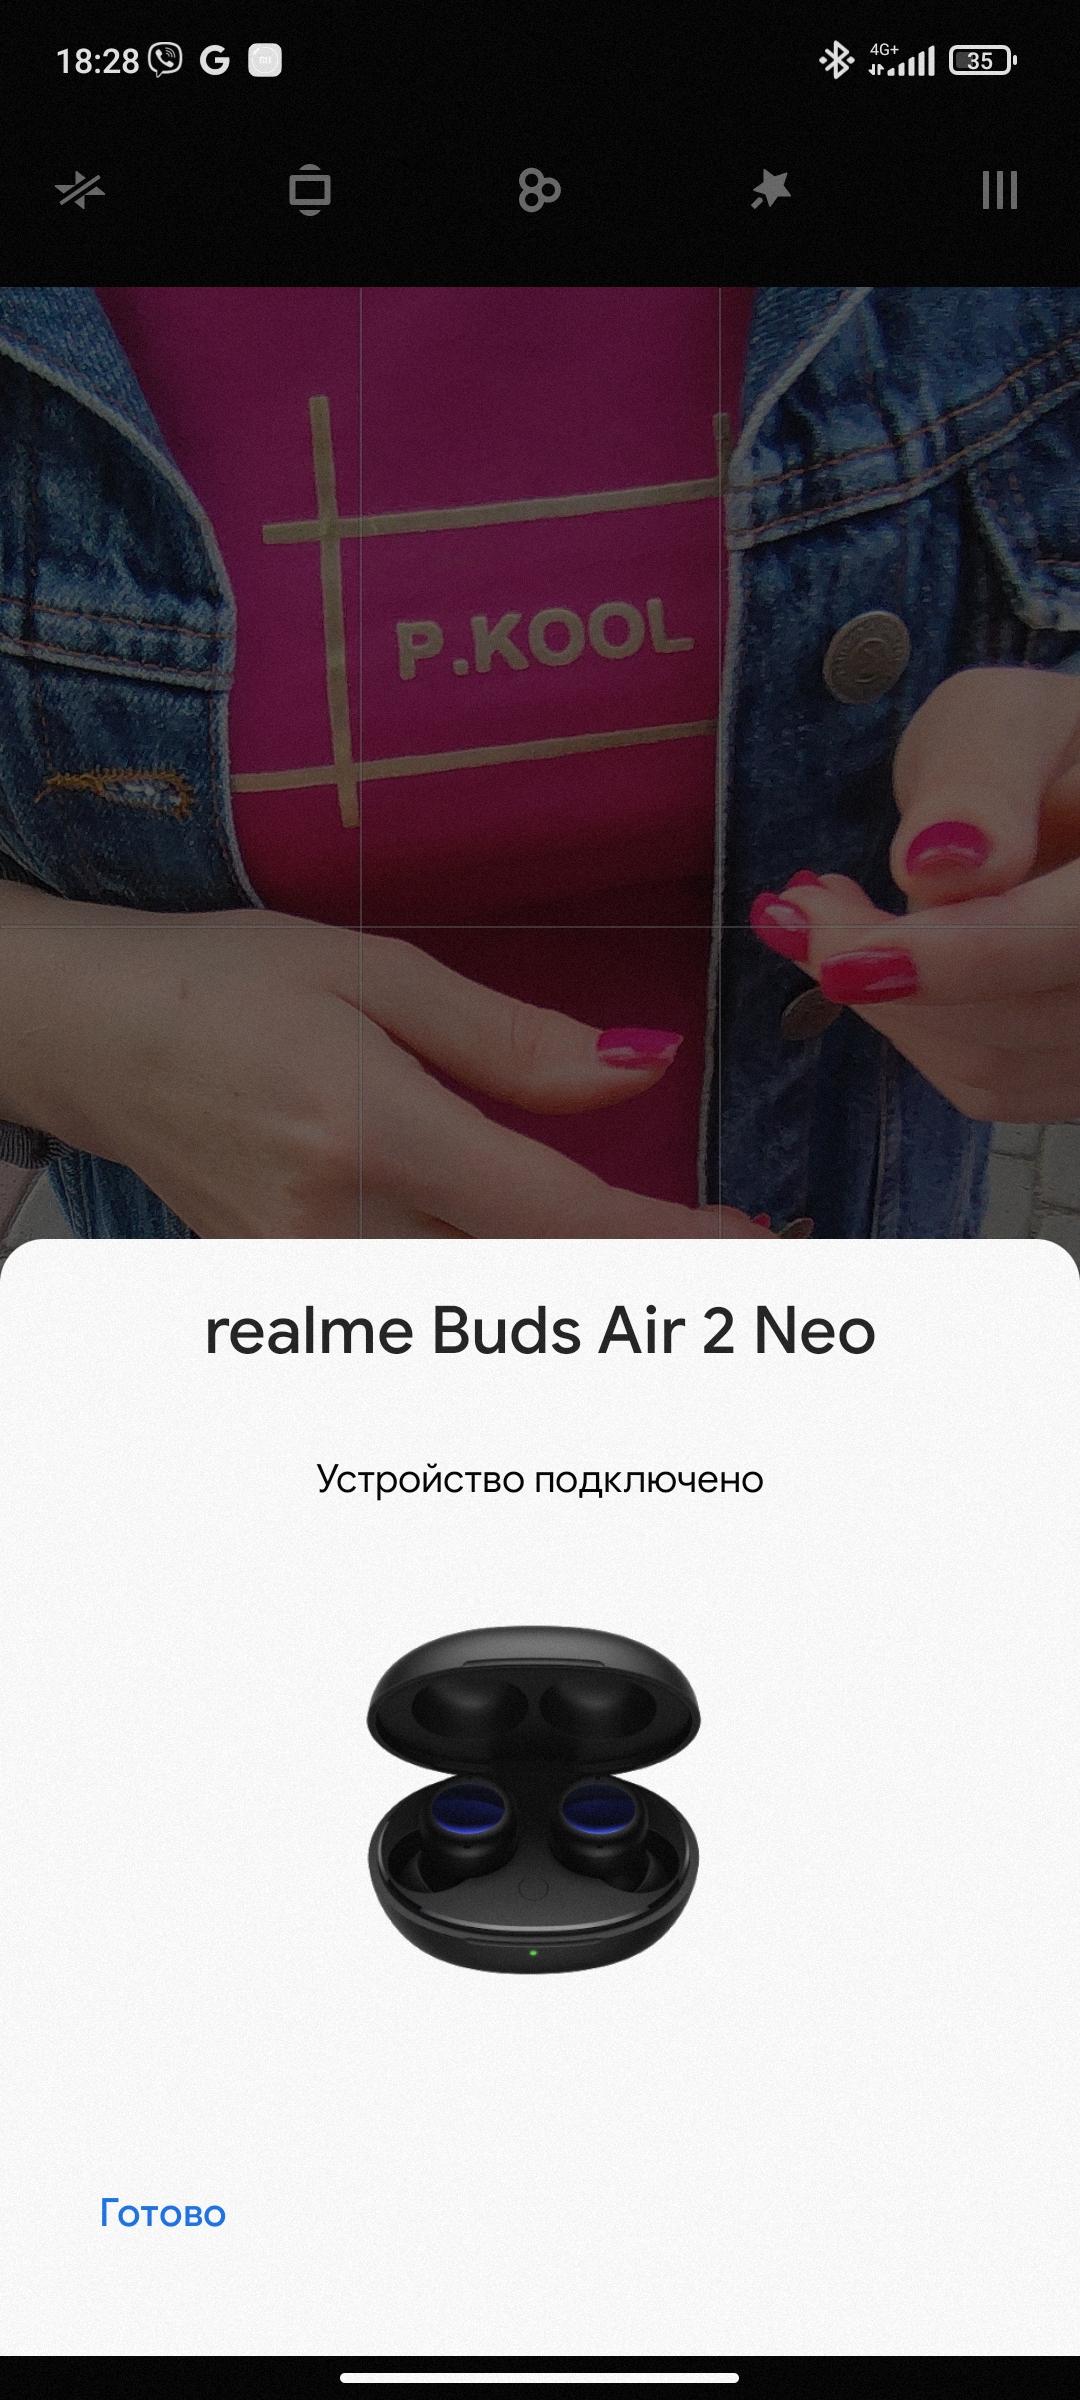 Обзор Realme Buds Air 2 Neo: доступные беспроводные наушники с активным шумоподавлением